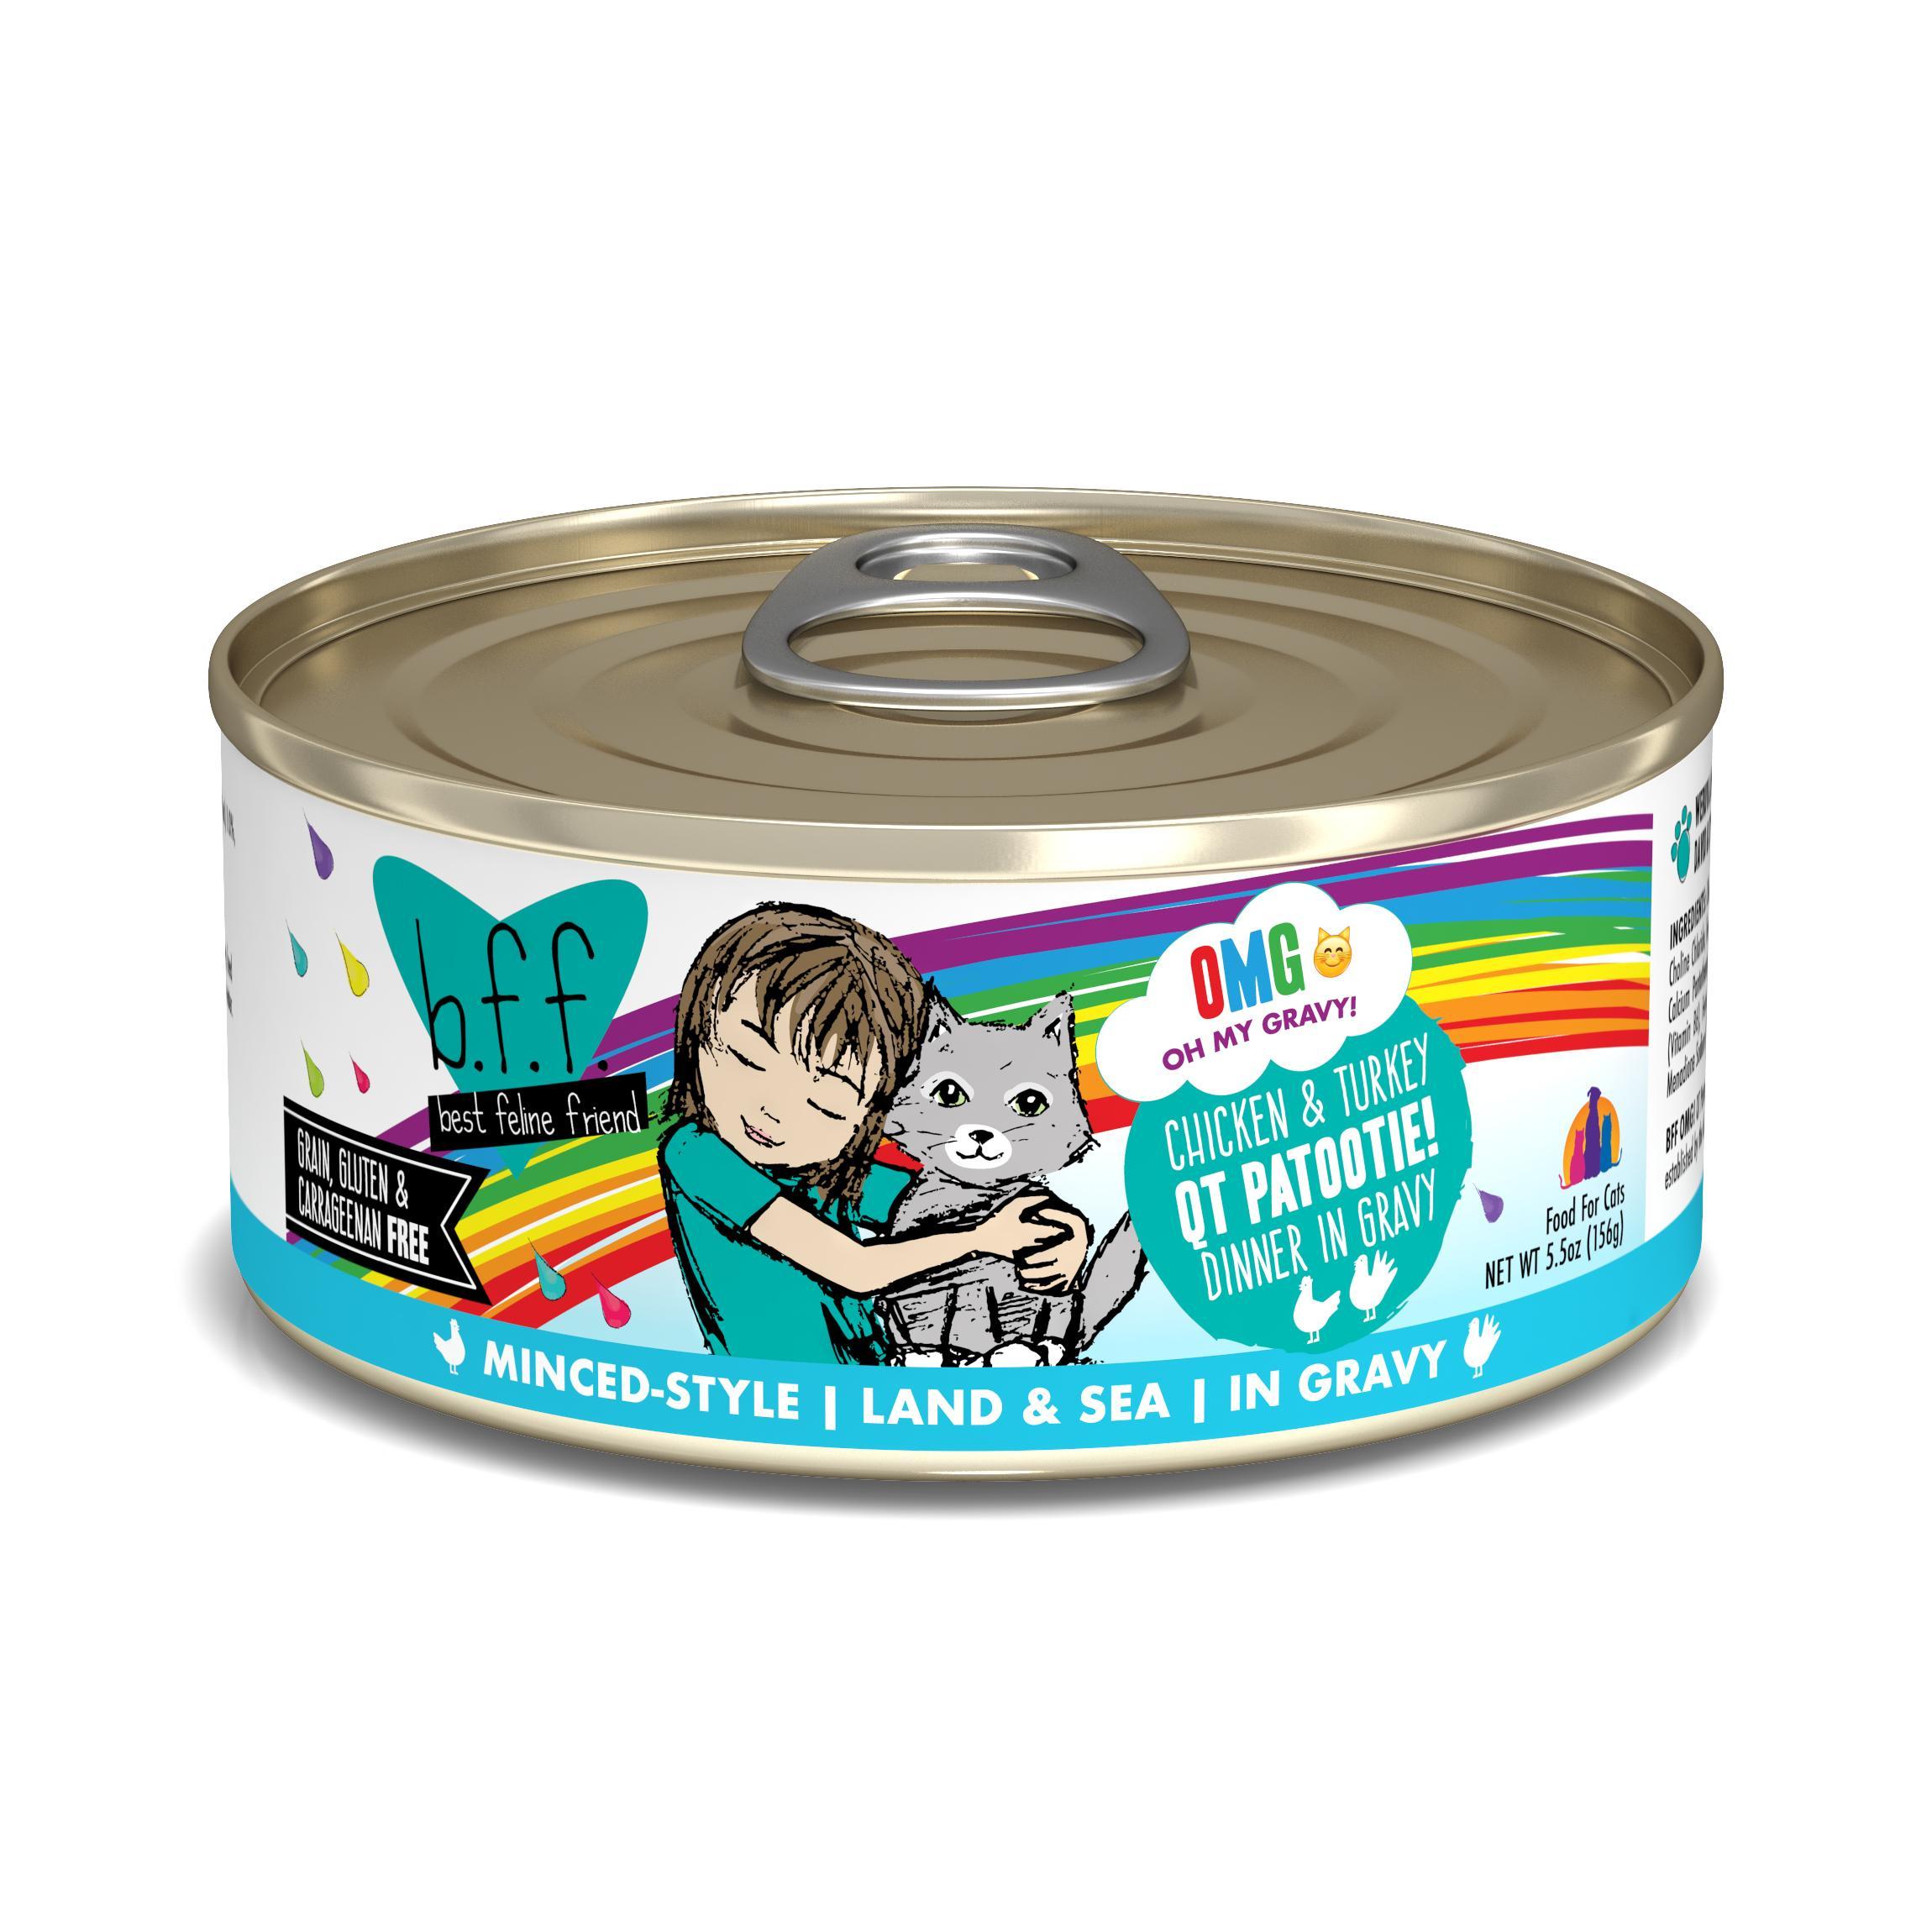 BFF Oh My Gravy! QT Patootie! Chicken & Turkey Dinner in Gravy Grain-Free Wet Cat Food, 5.5-oz